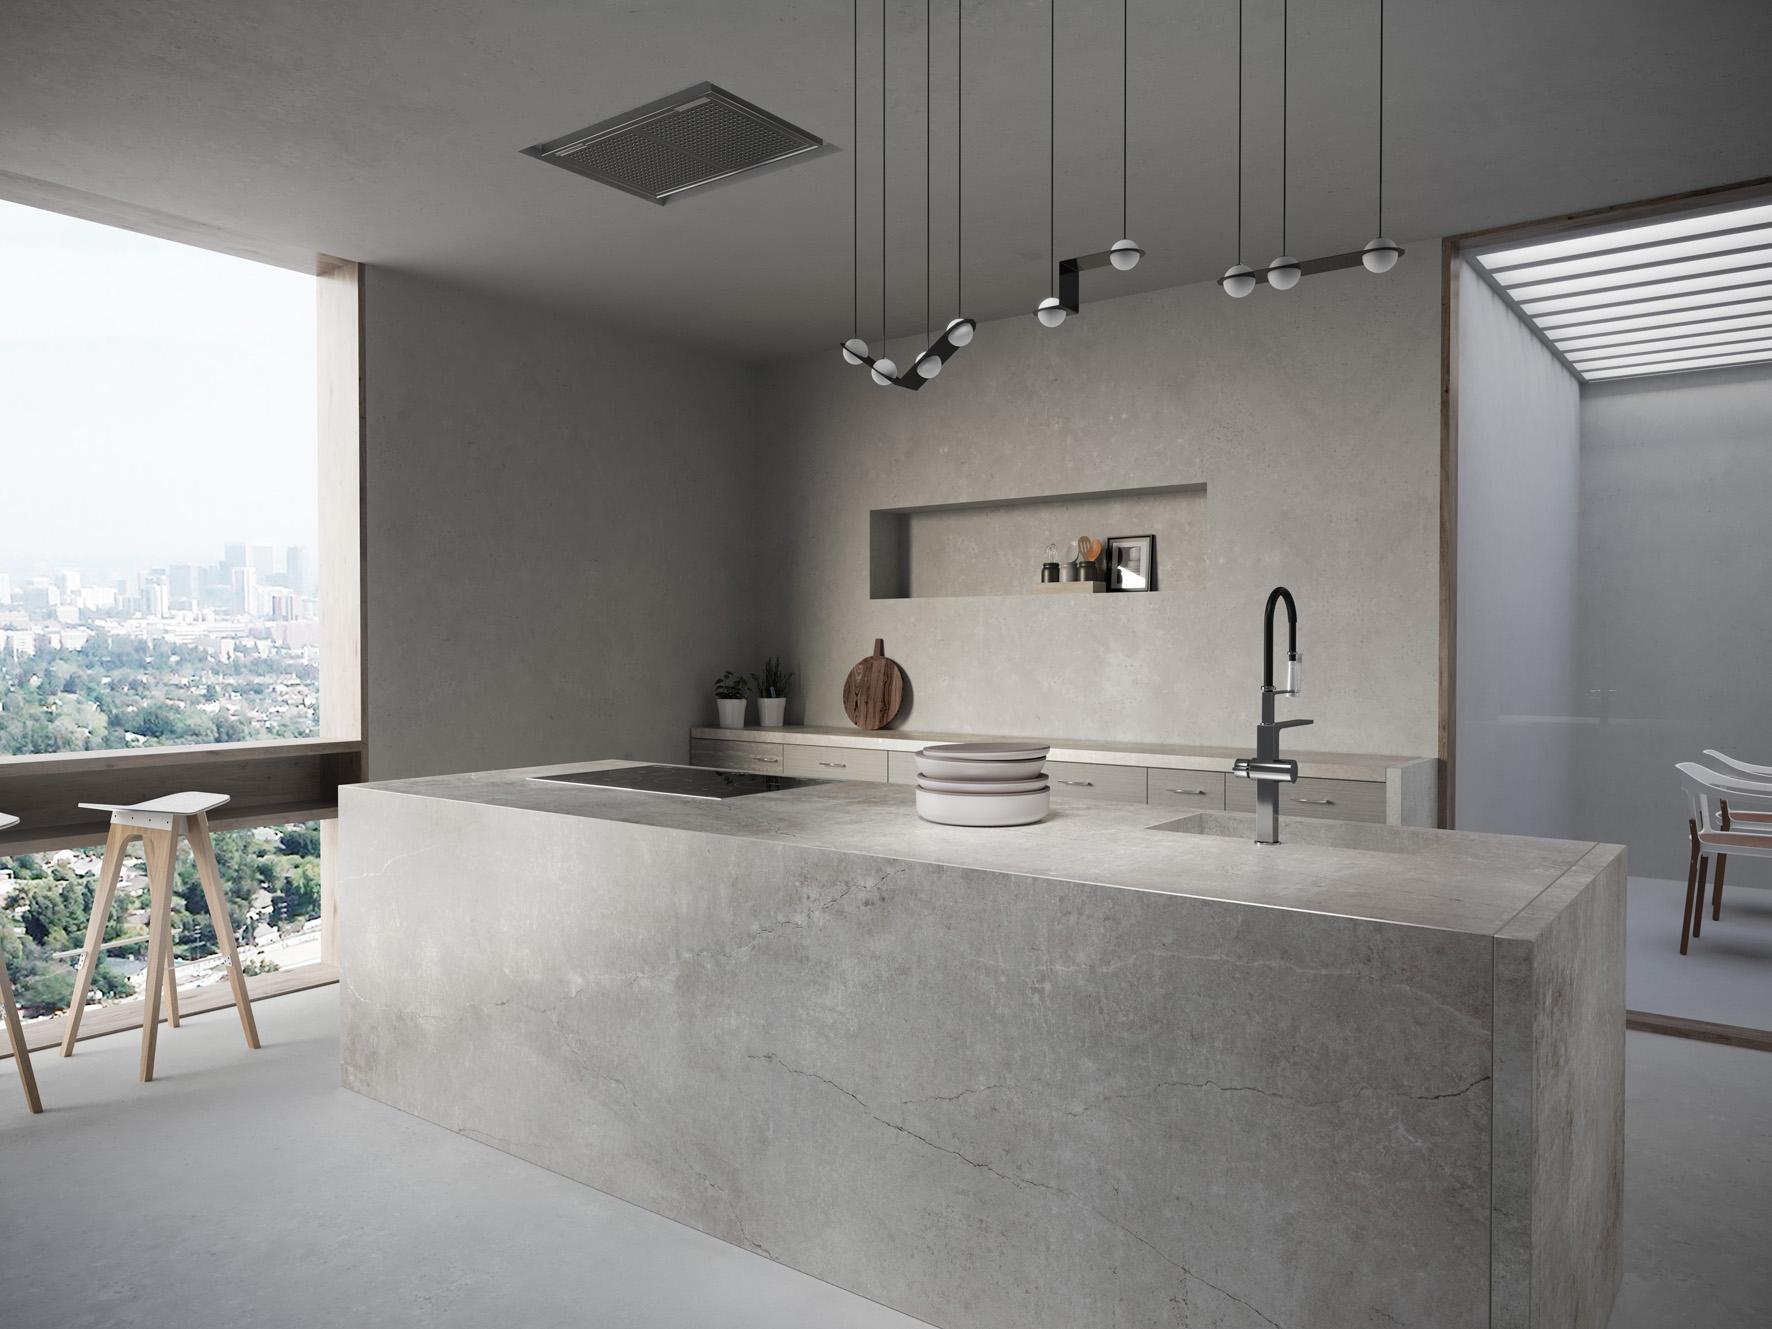 Beton- en cementkleuren zijn populair voor de keuken. De Dekton® Industrial Collection wordt gekenmerkt door stoere, urban kleuren. Met de kleuren Laos, Soke, Kreta en Lunar wordt deze collectie uitgebreid met vier betonlook kleuren #cosentino #dekton #arte #keuken #keukeninspiratie #beton #industrieel